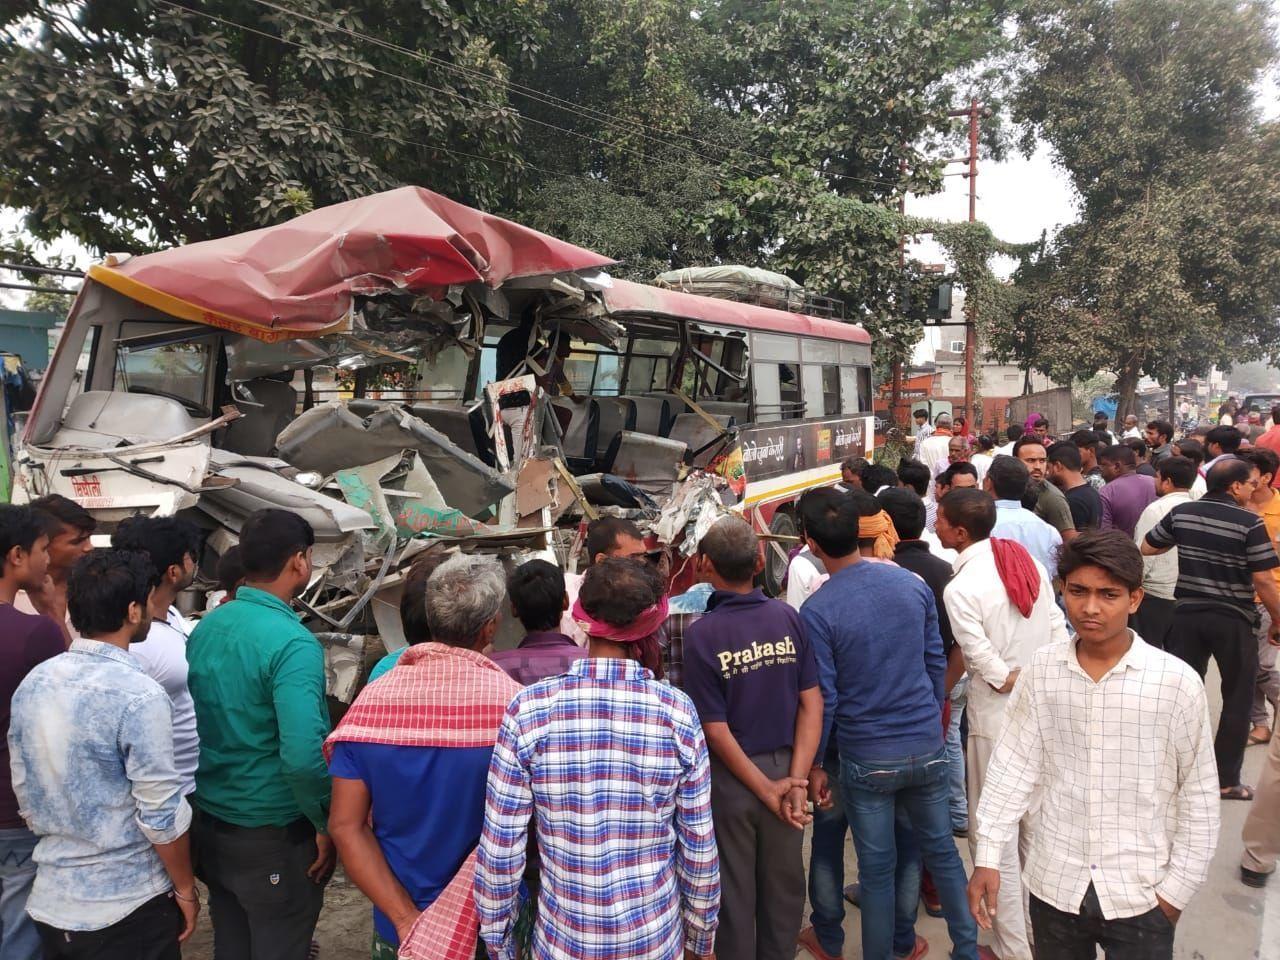 संतकबीरनगर: तेज रफ़्तार रोडवेज़ बस ने खड़ी ट्रक में पीछे से मारी ज़ोरदार टक्कर, 3 की मौत, 5 घायल